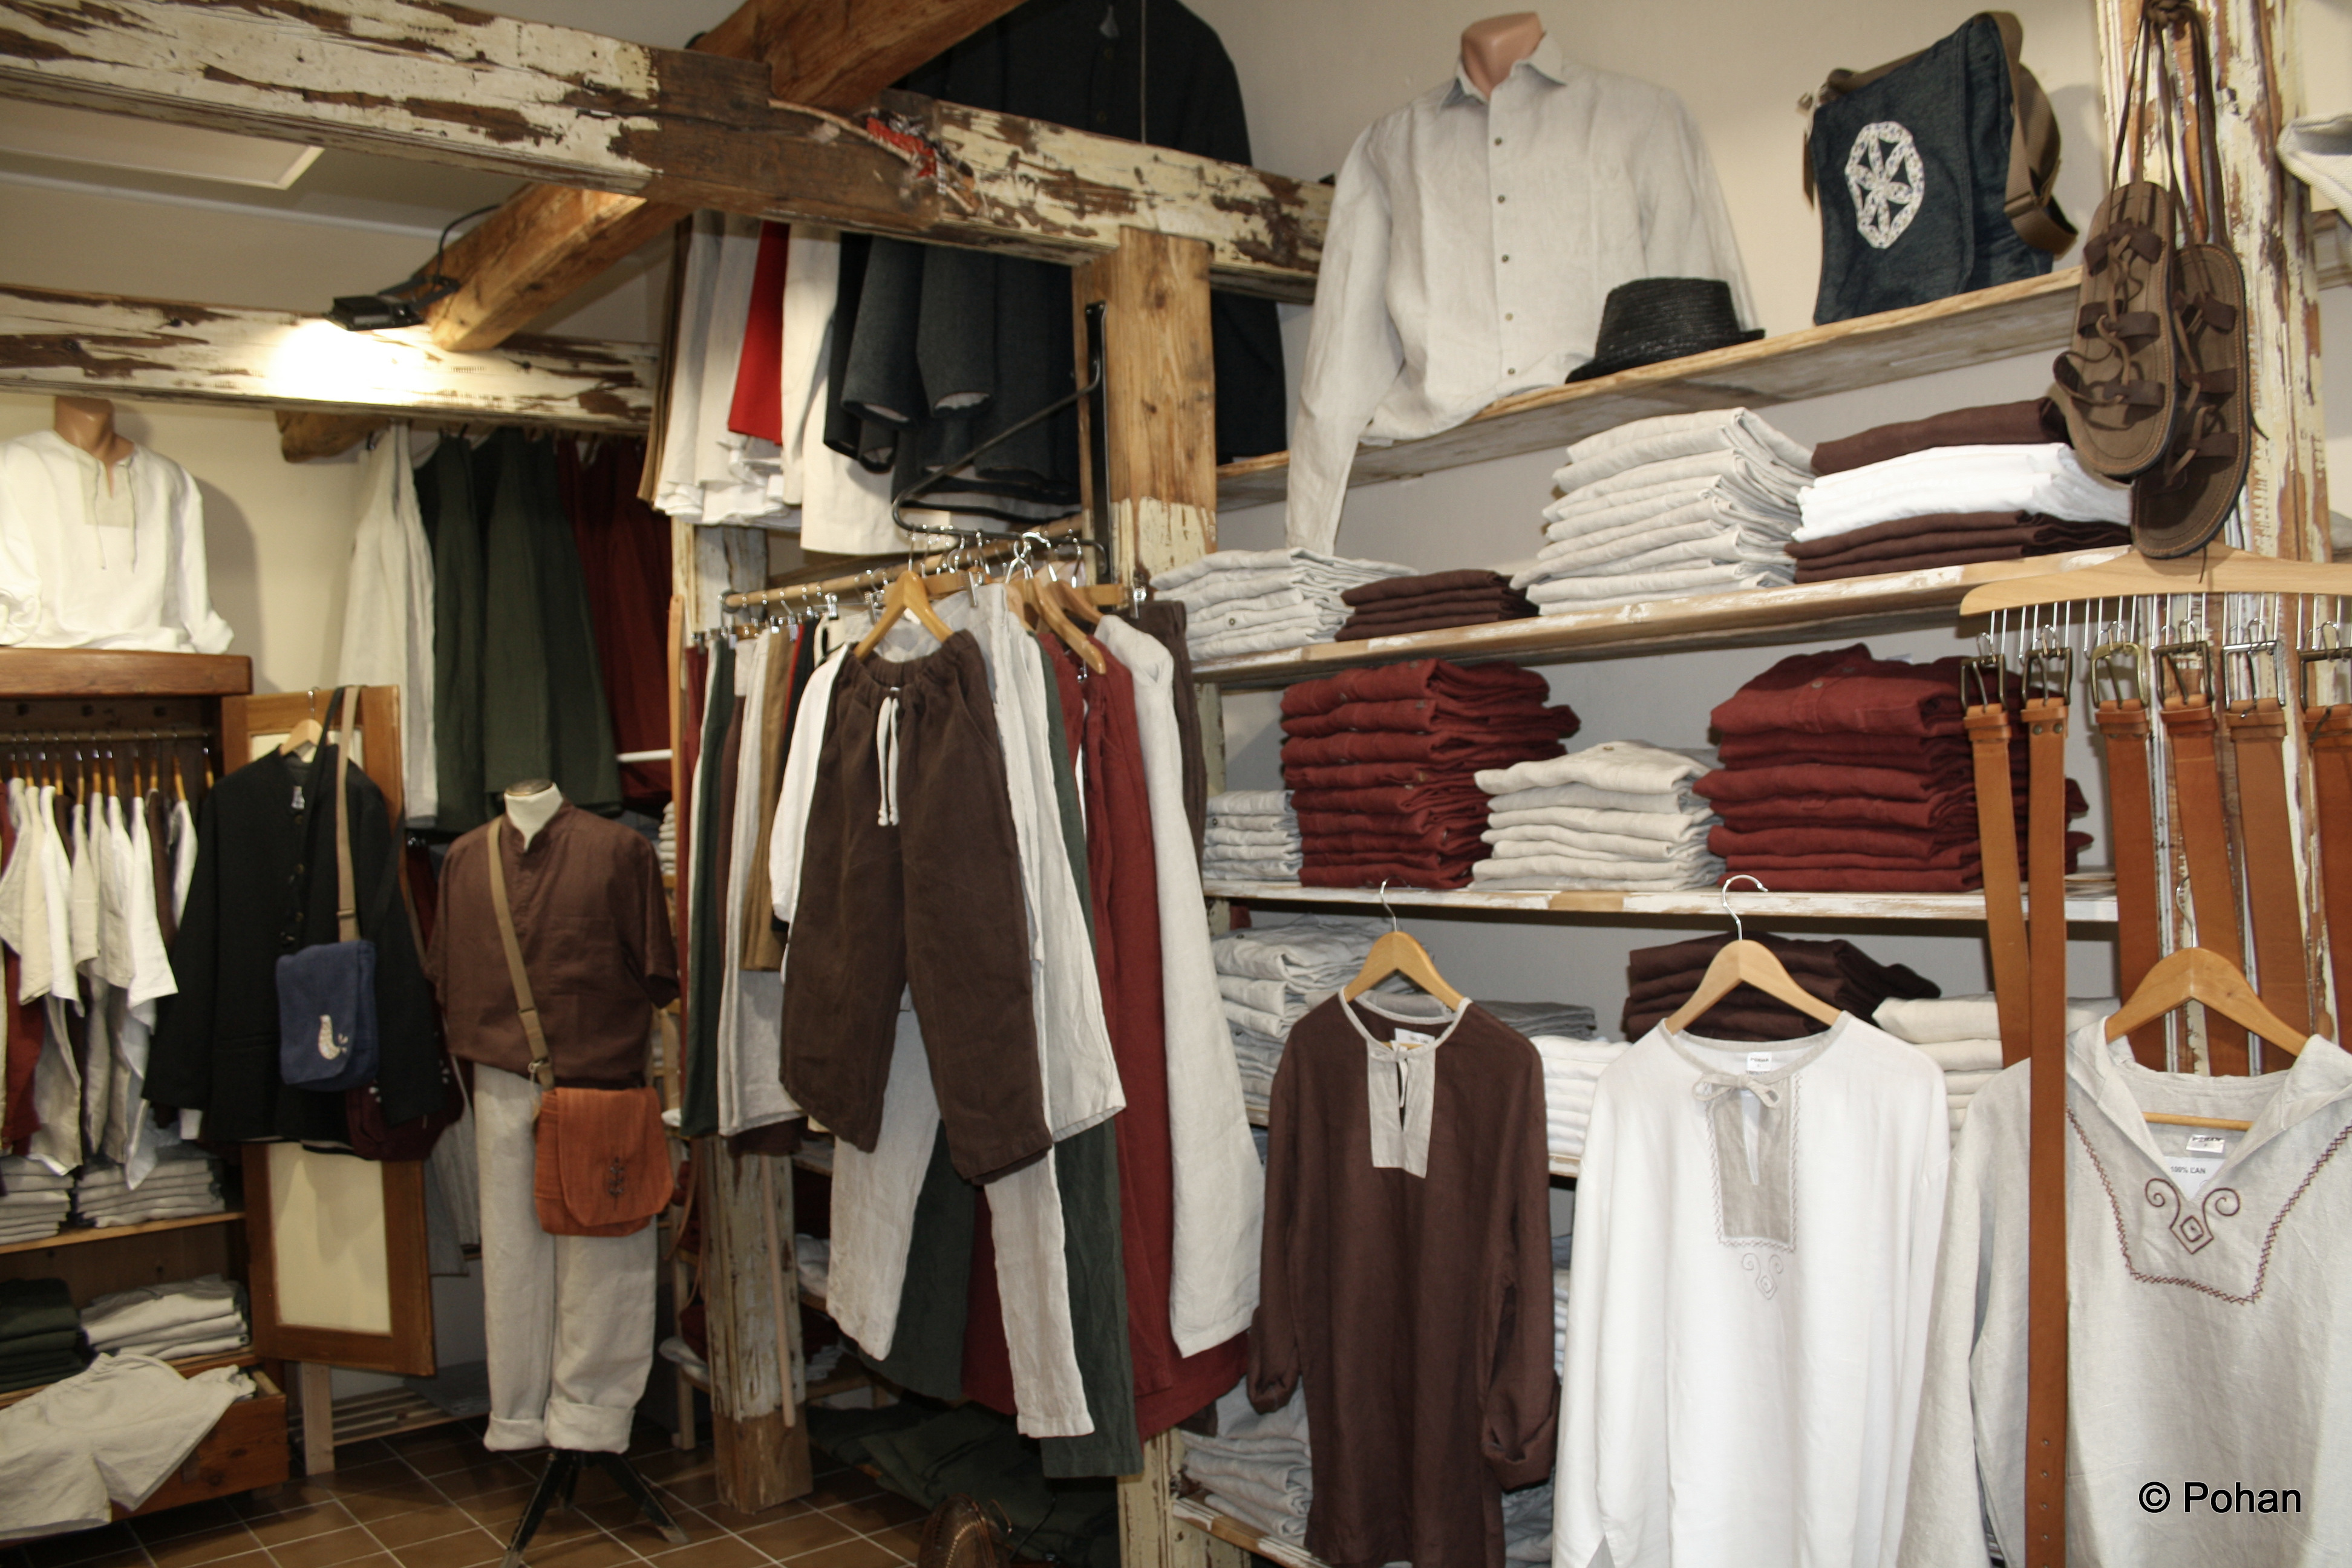 Obchodík v Nitre ponúka oblečenie a doplnky z prírodných materiálov.